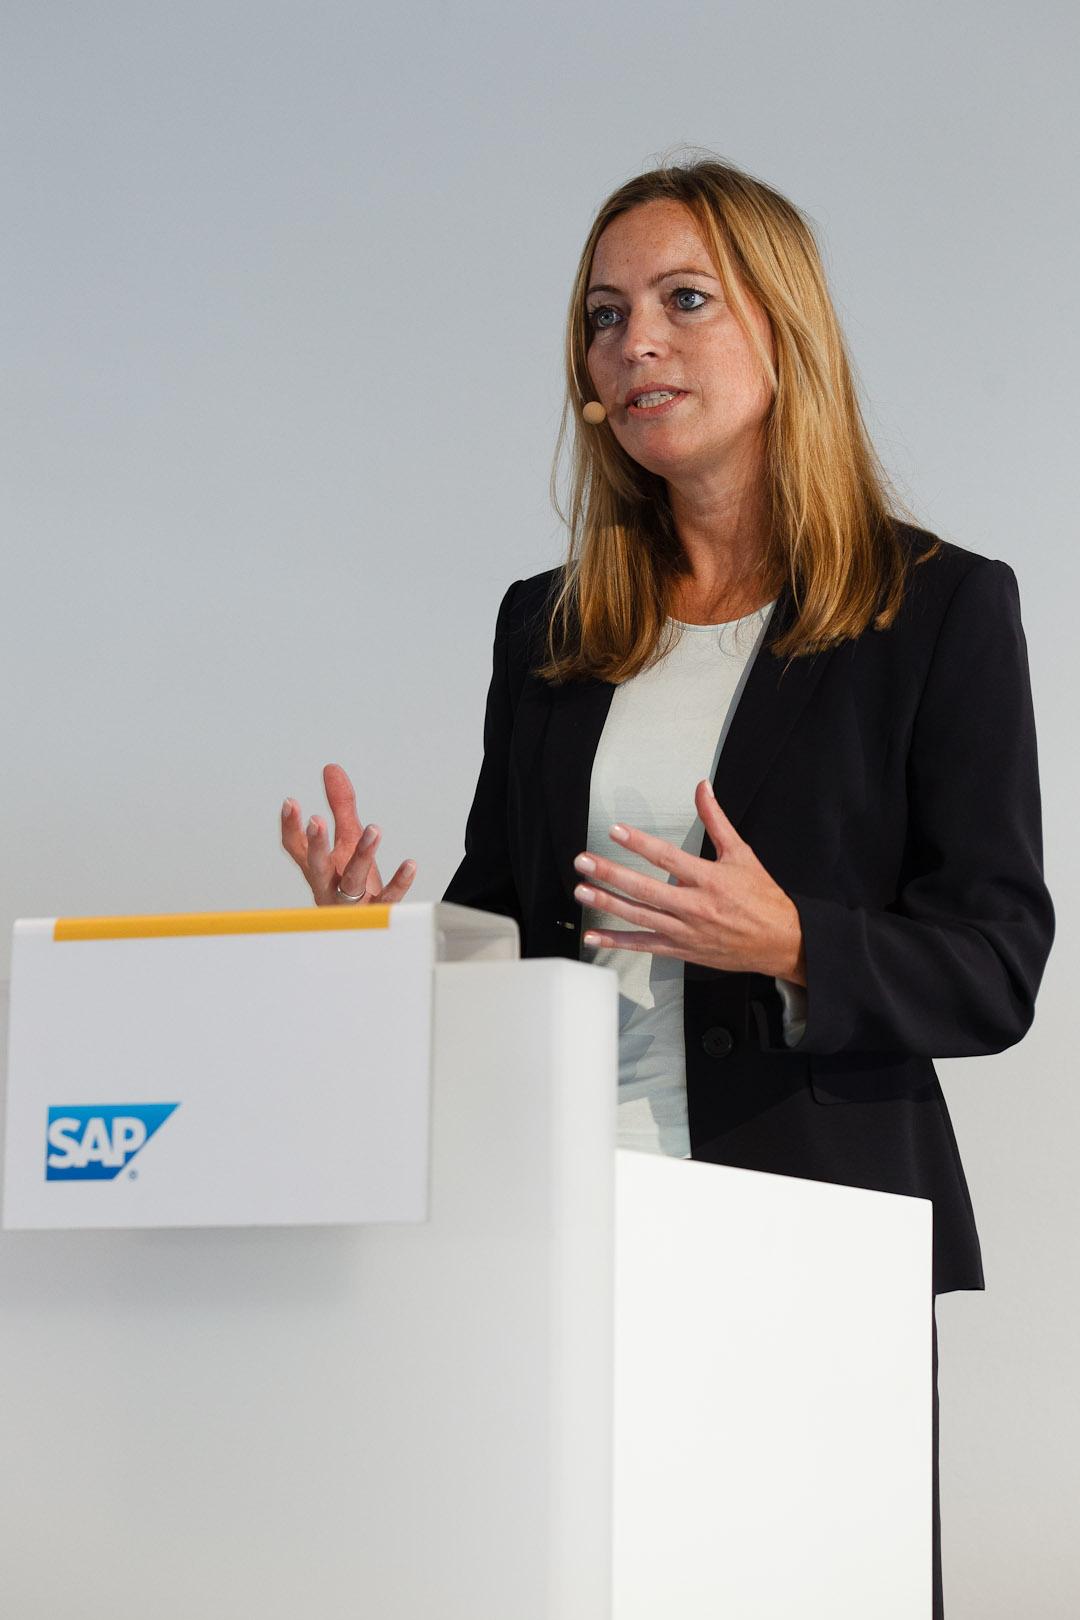 Astrid Gussenstätter